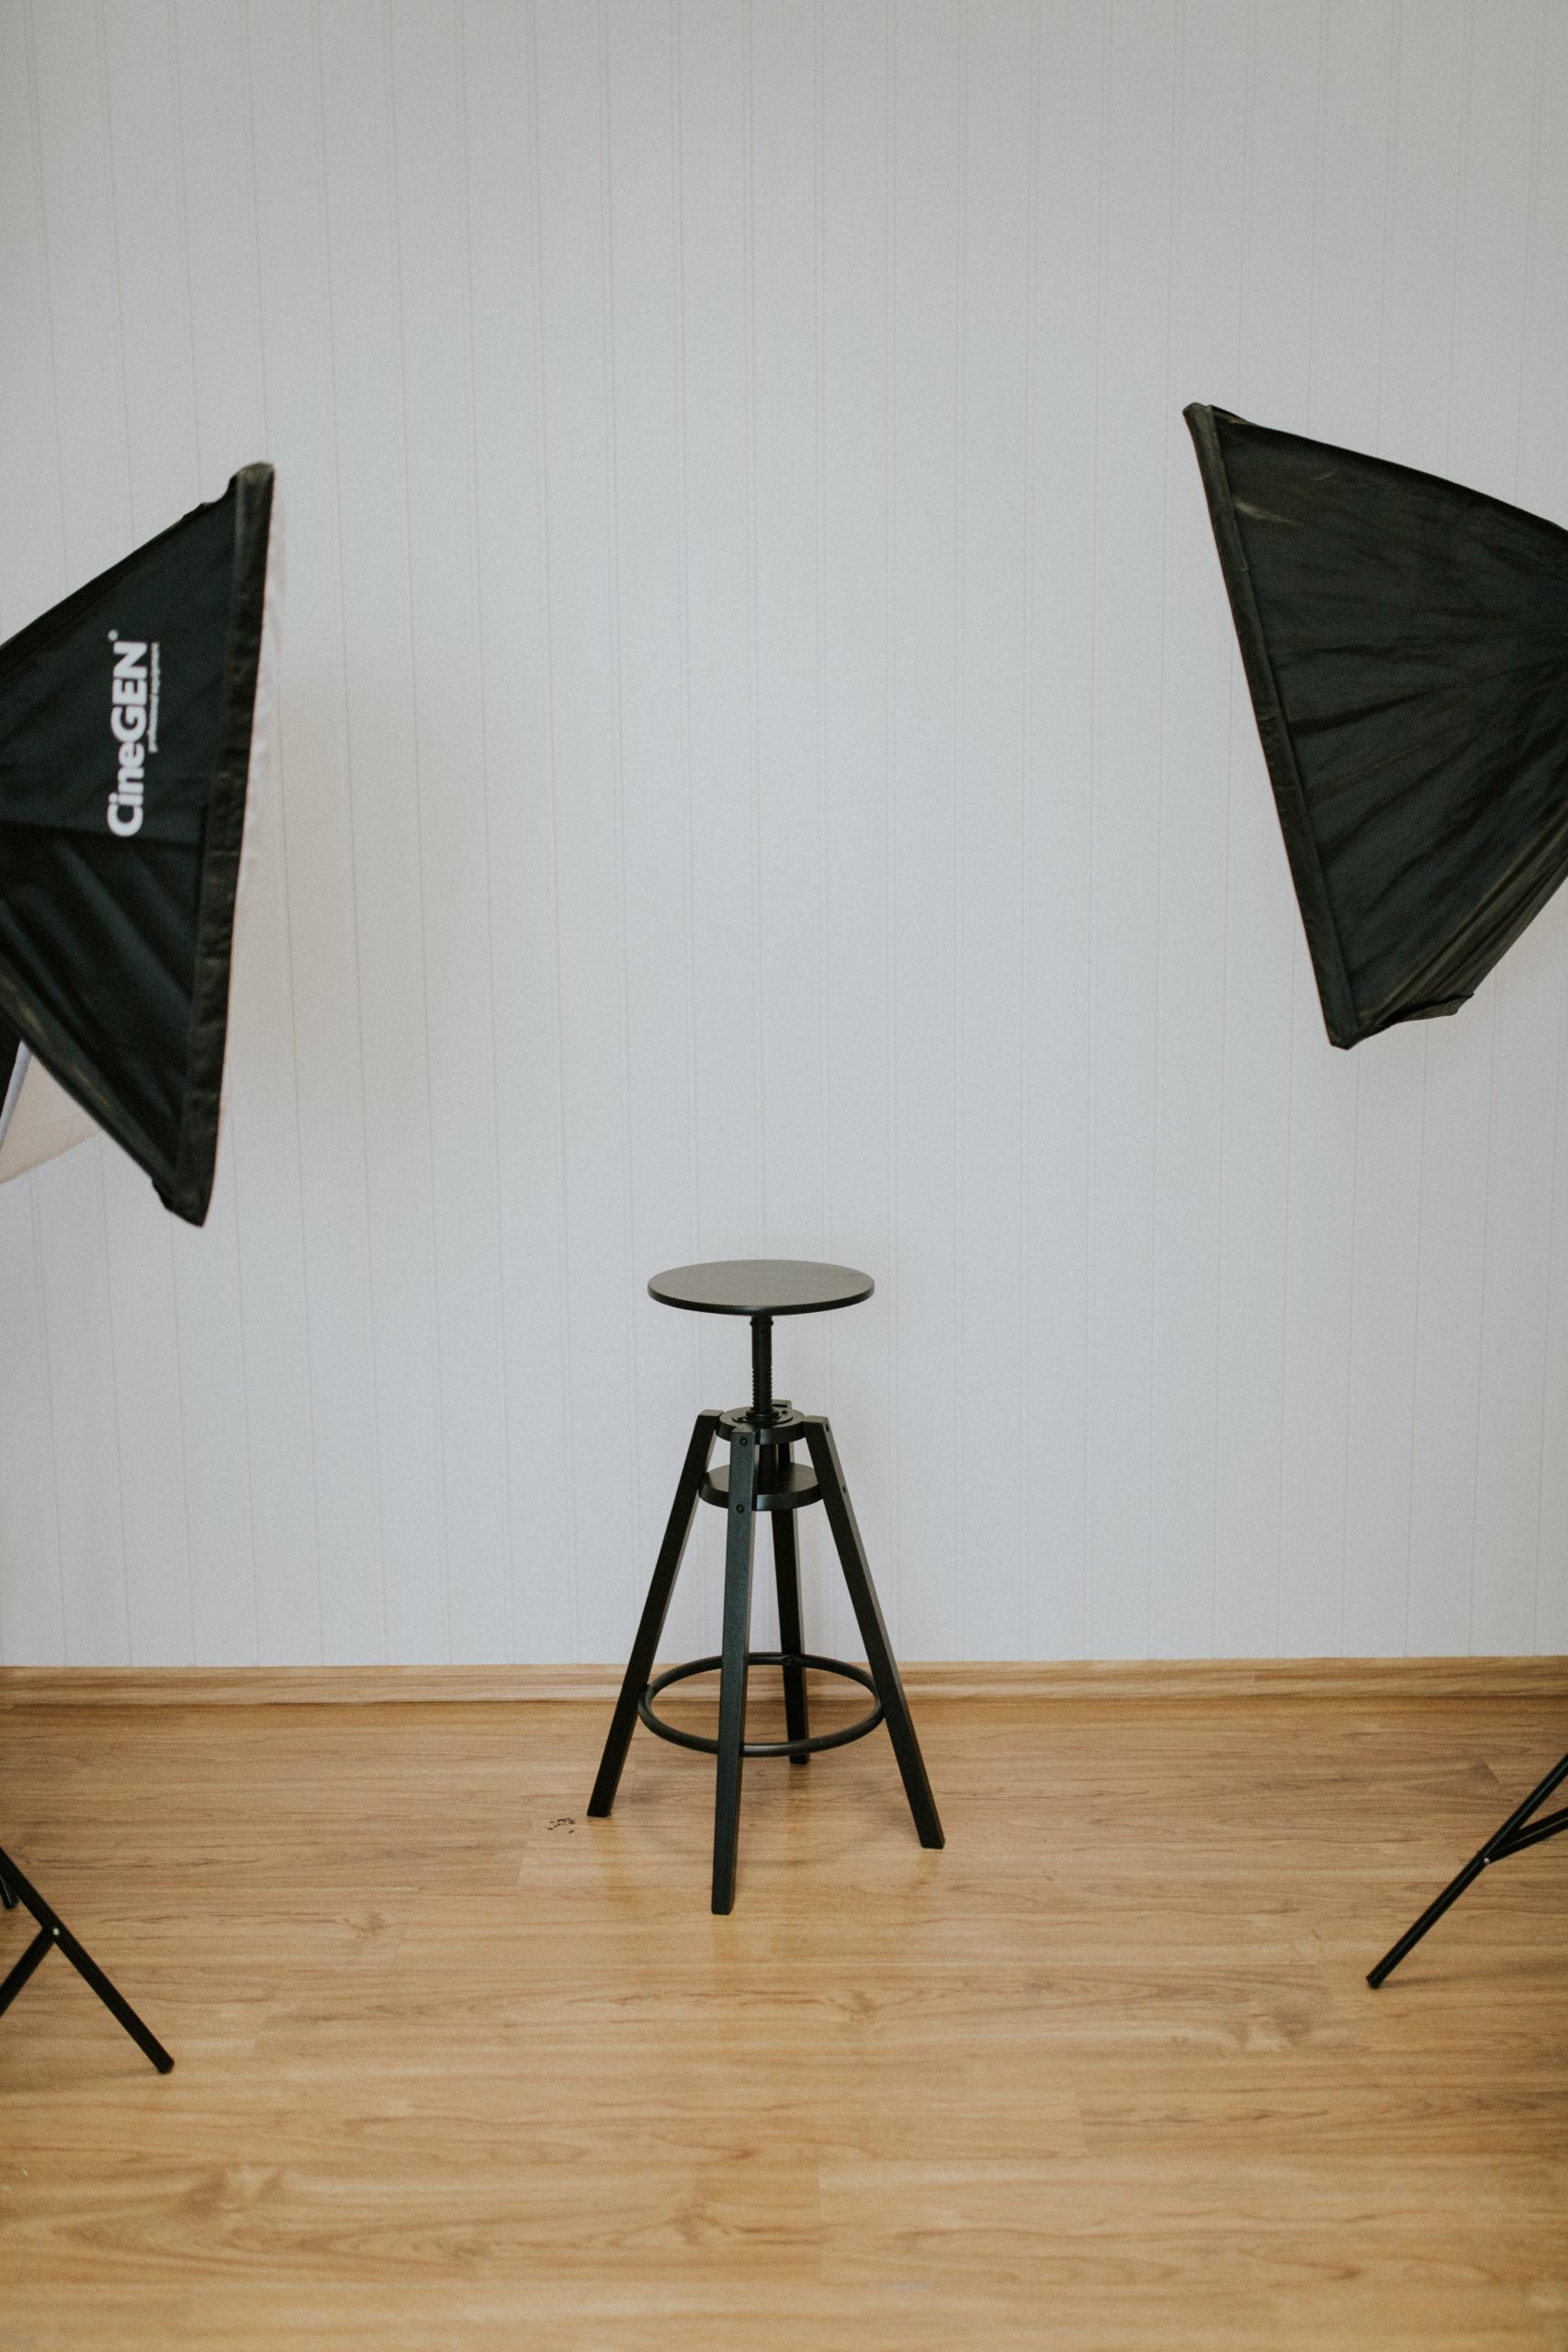 Studio-35